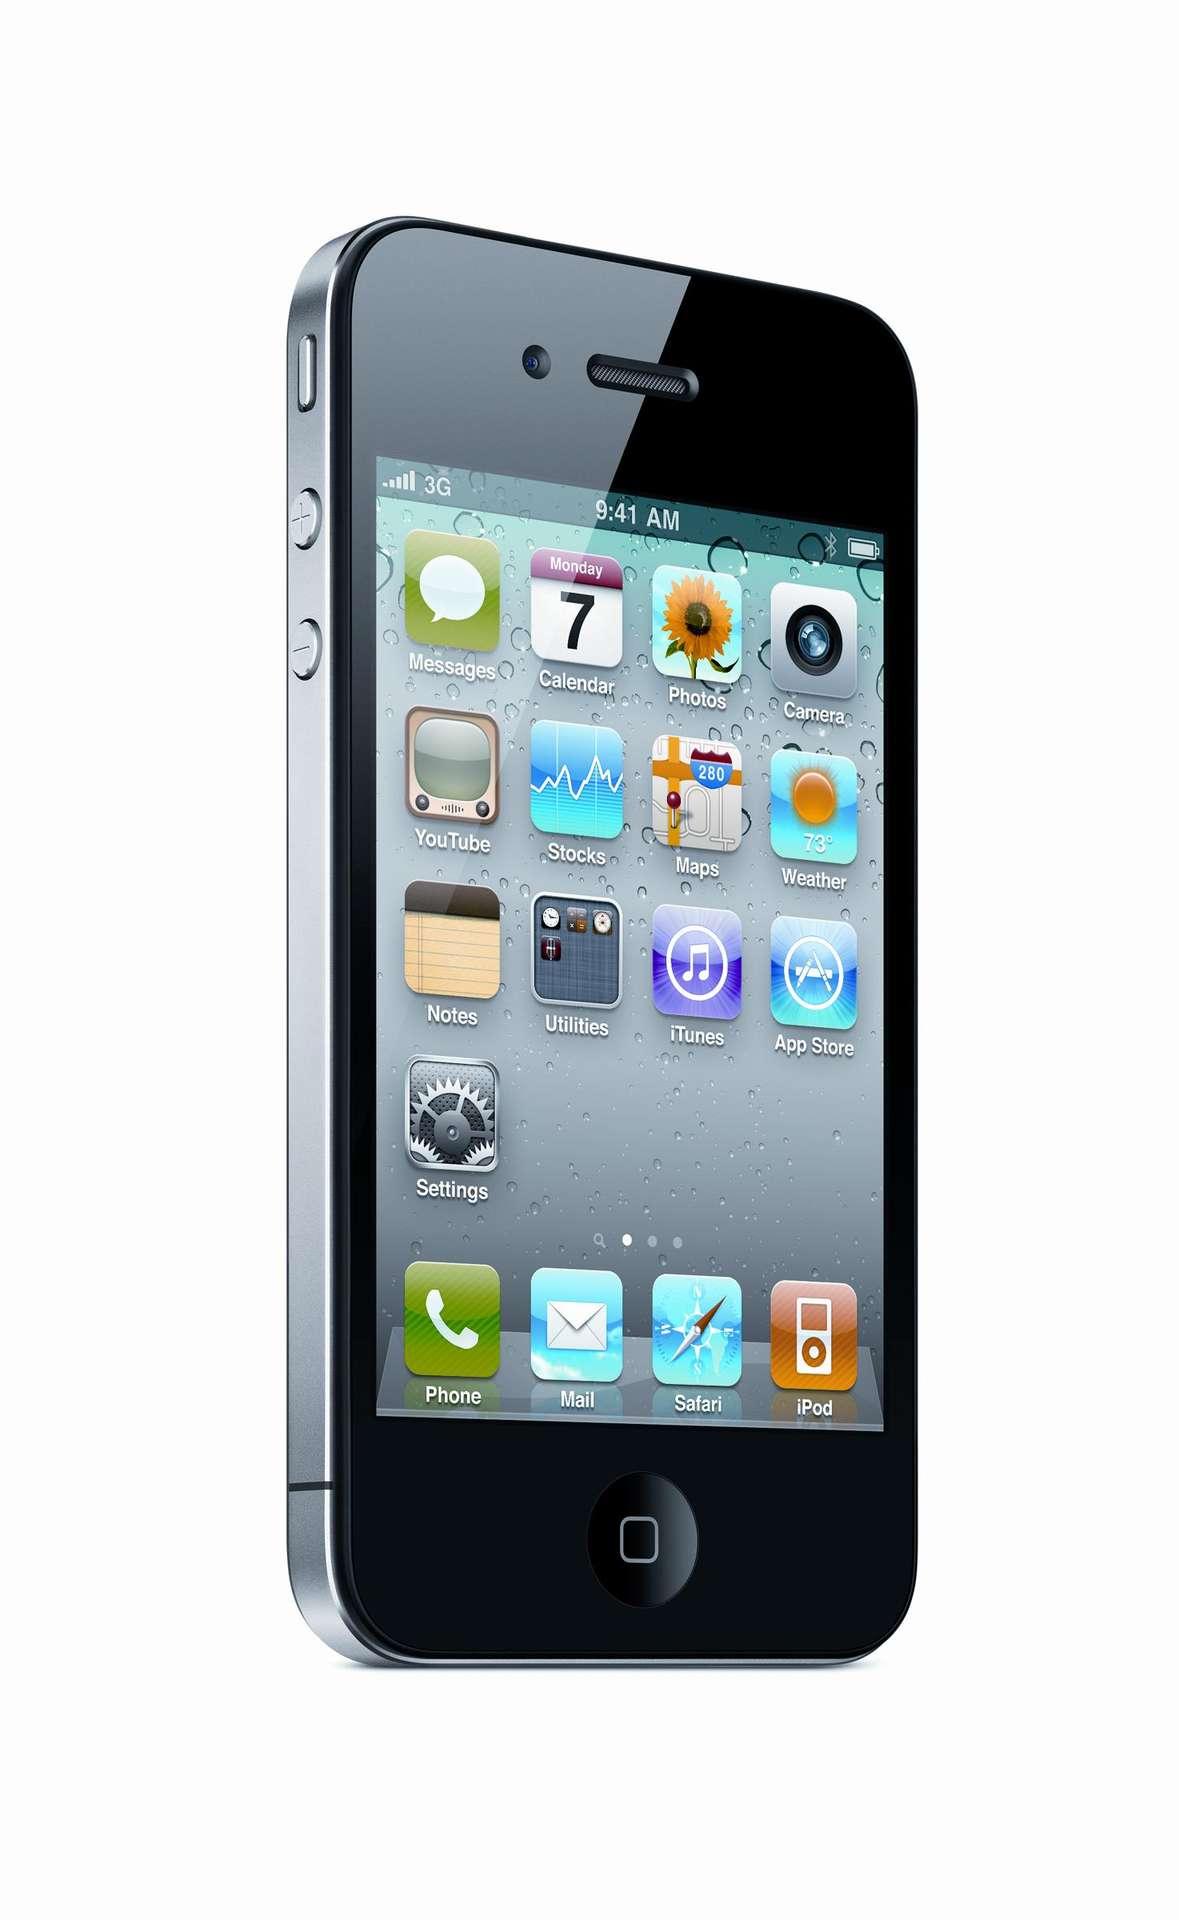 Le système d'exploitation de l'iPhone 4 est multitâche et l'appareil permet d'acheter des livres électroniques dans la boutique en ligne de Apple. © Apple